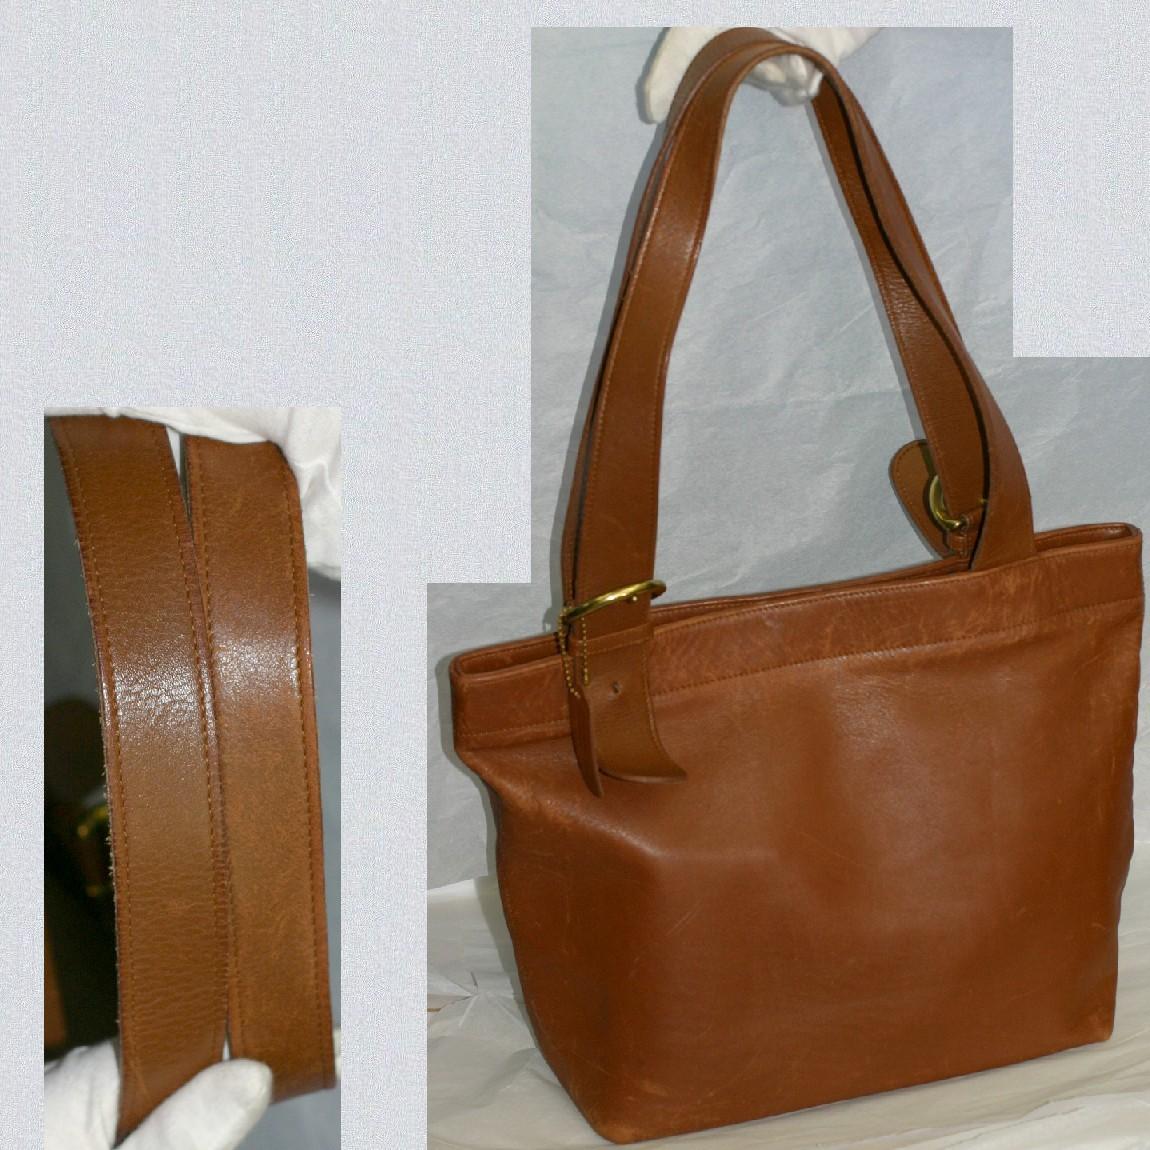 【中古】本物可コーチ女性用茶色い革素材38x28x13cmトートバッグ4140